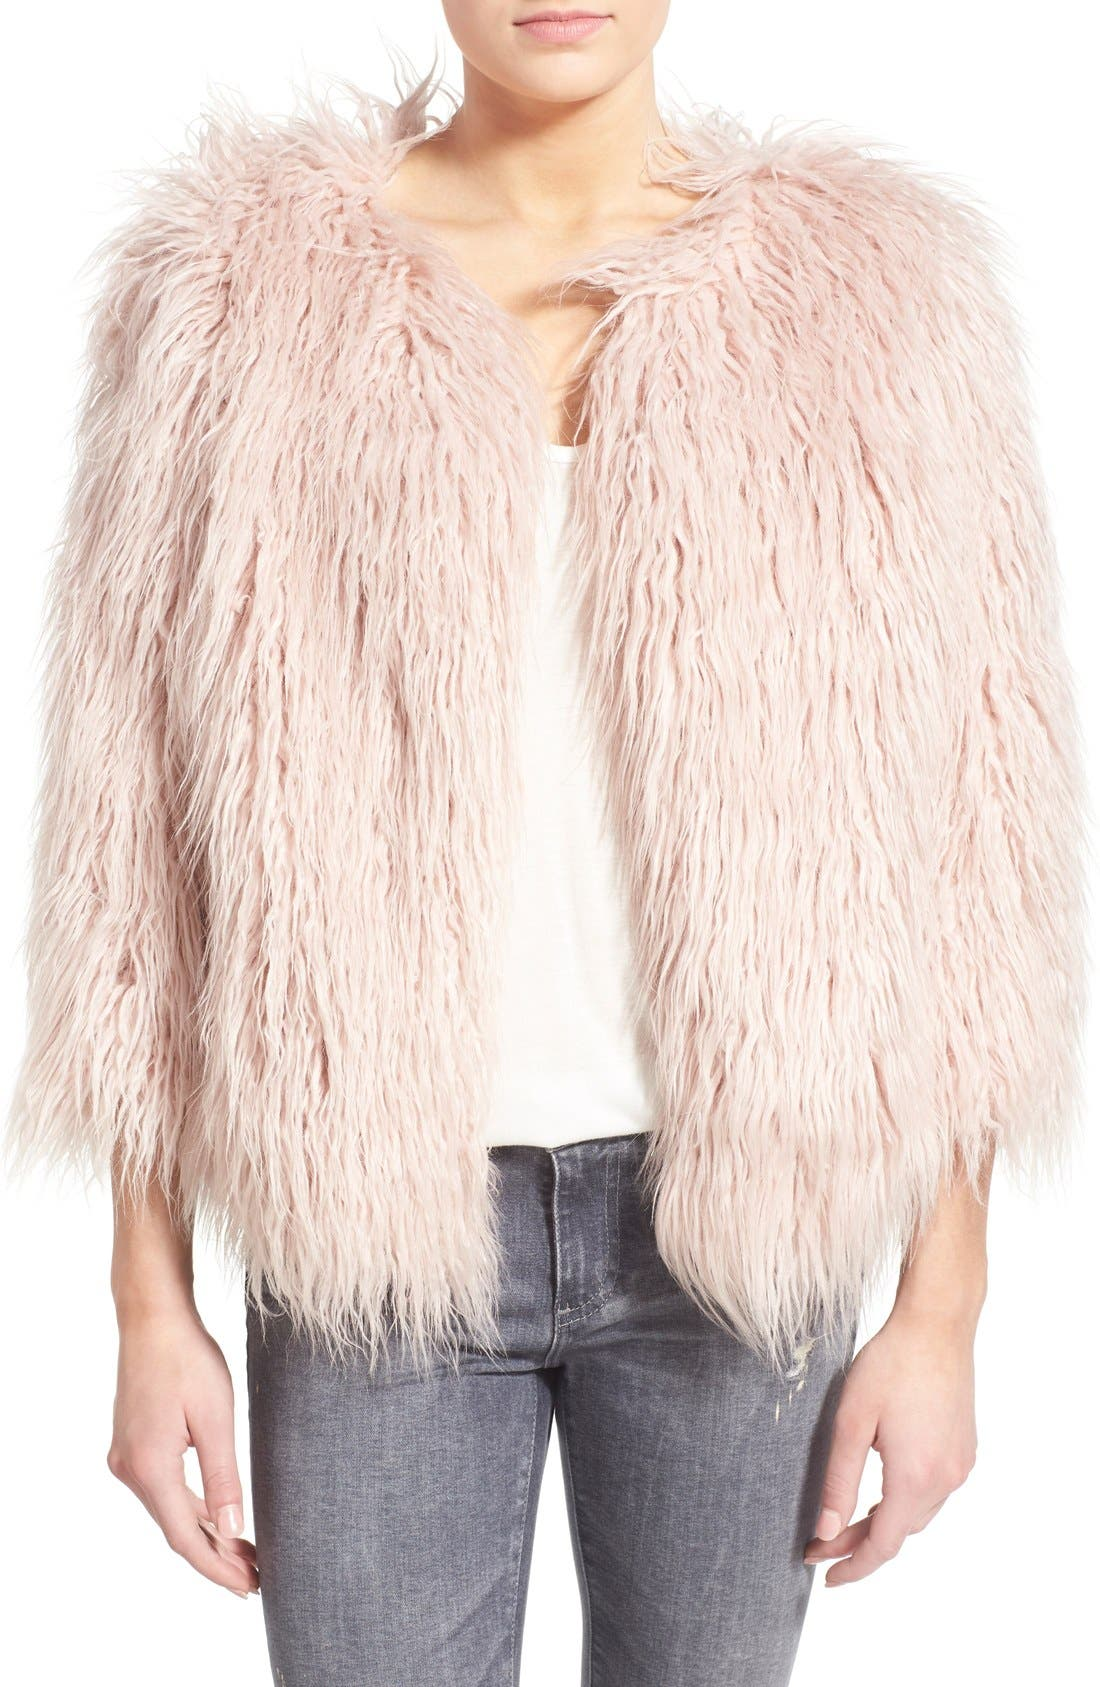 Alternate Image 1 Selected - Pam & Gela 'Mongolian' Faux Fur Coat